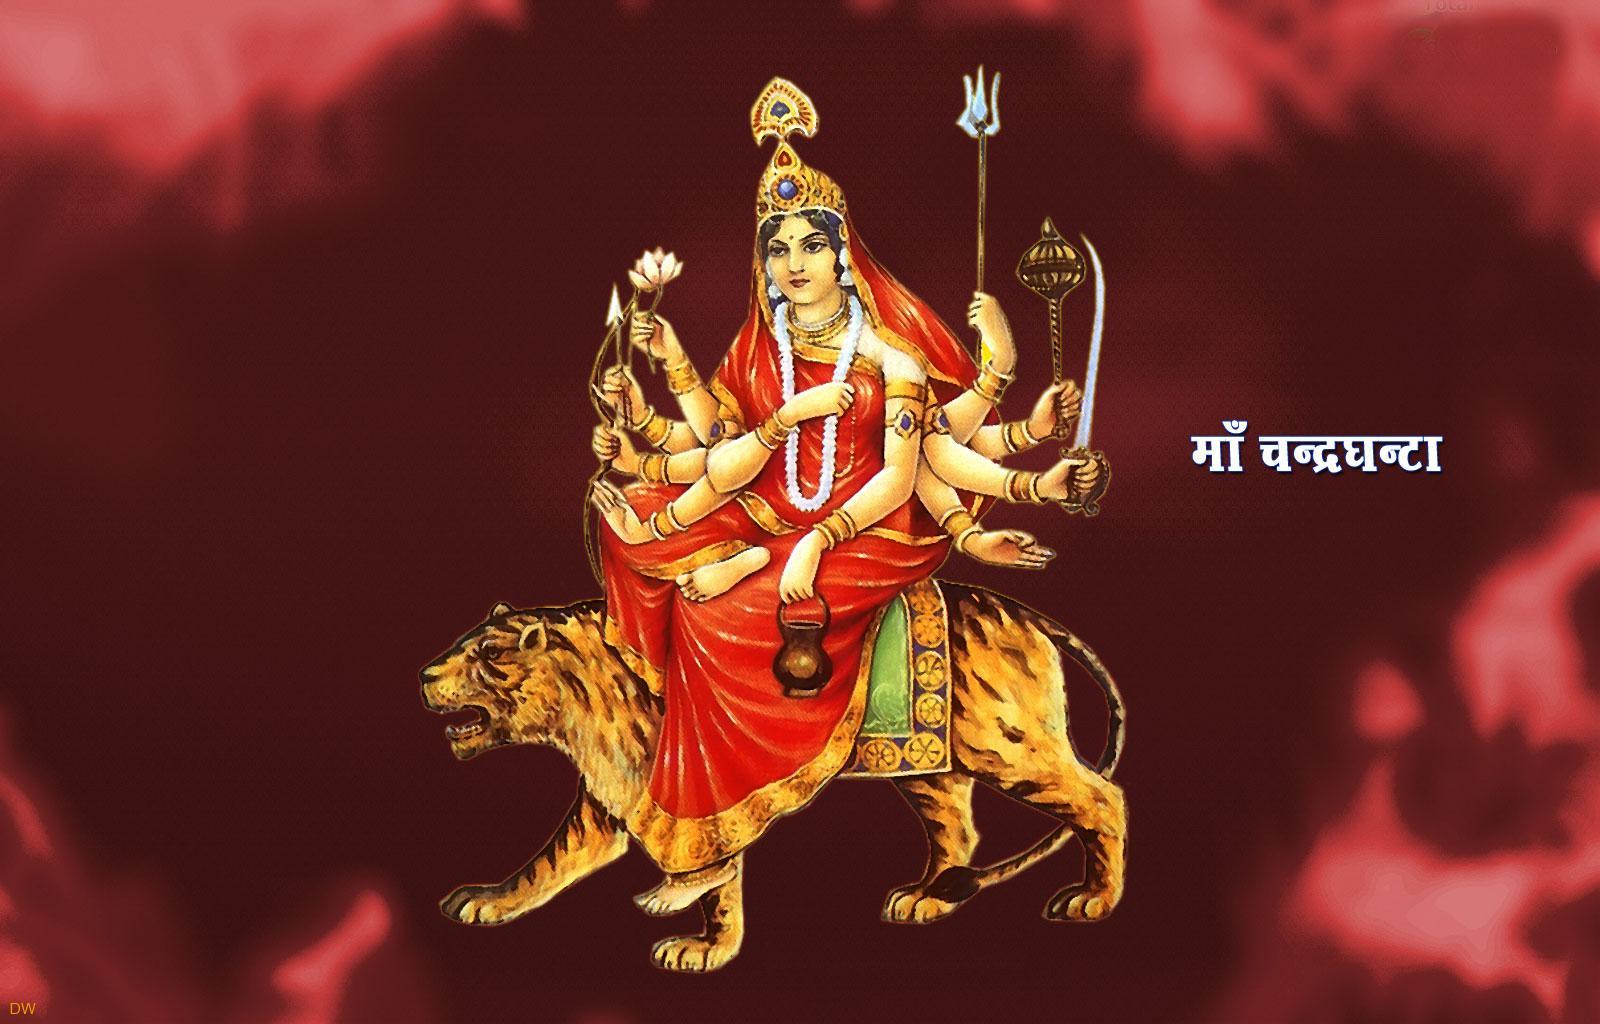 Syukur Anda Wallpaper Galleries Navratri Greetings Pics Images